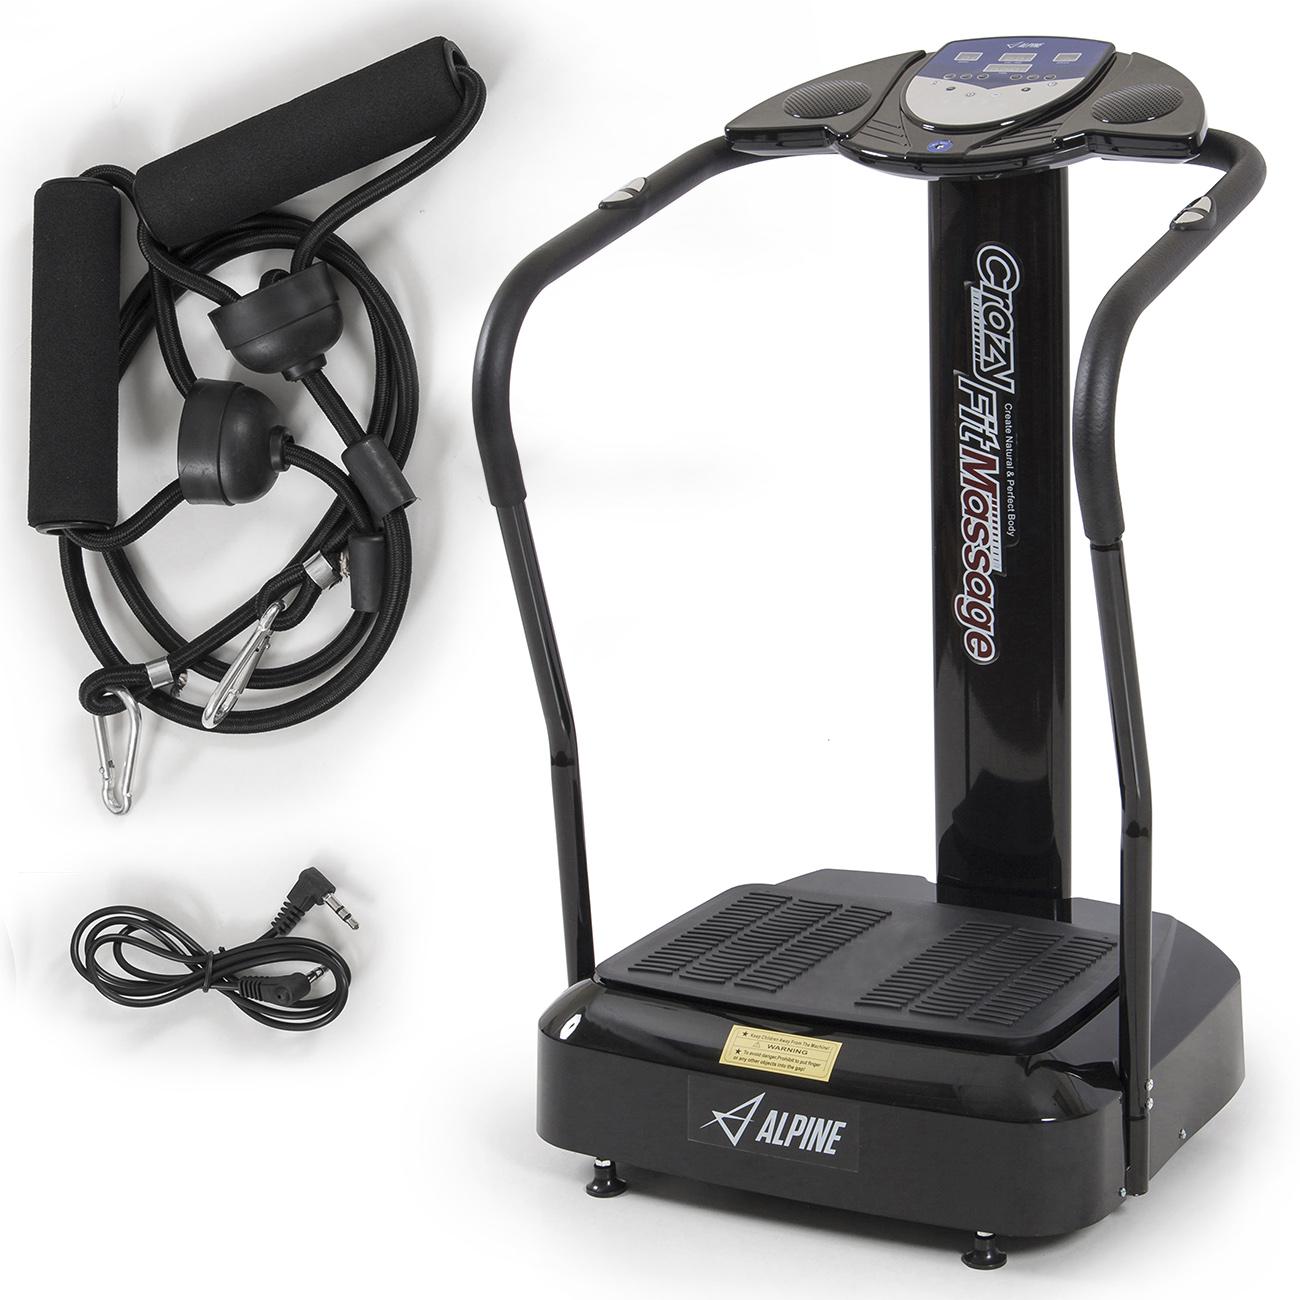 new vibrating exercise machine